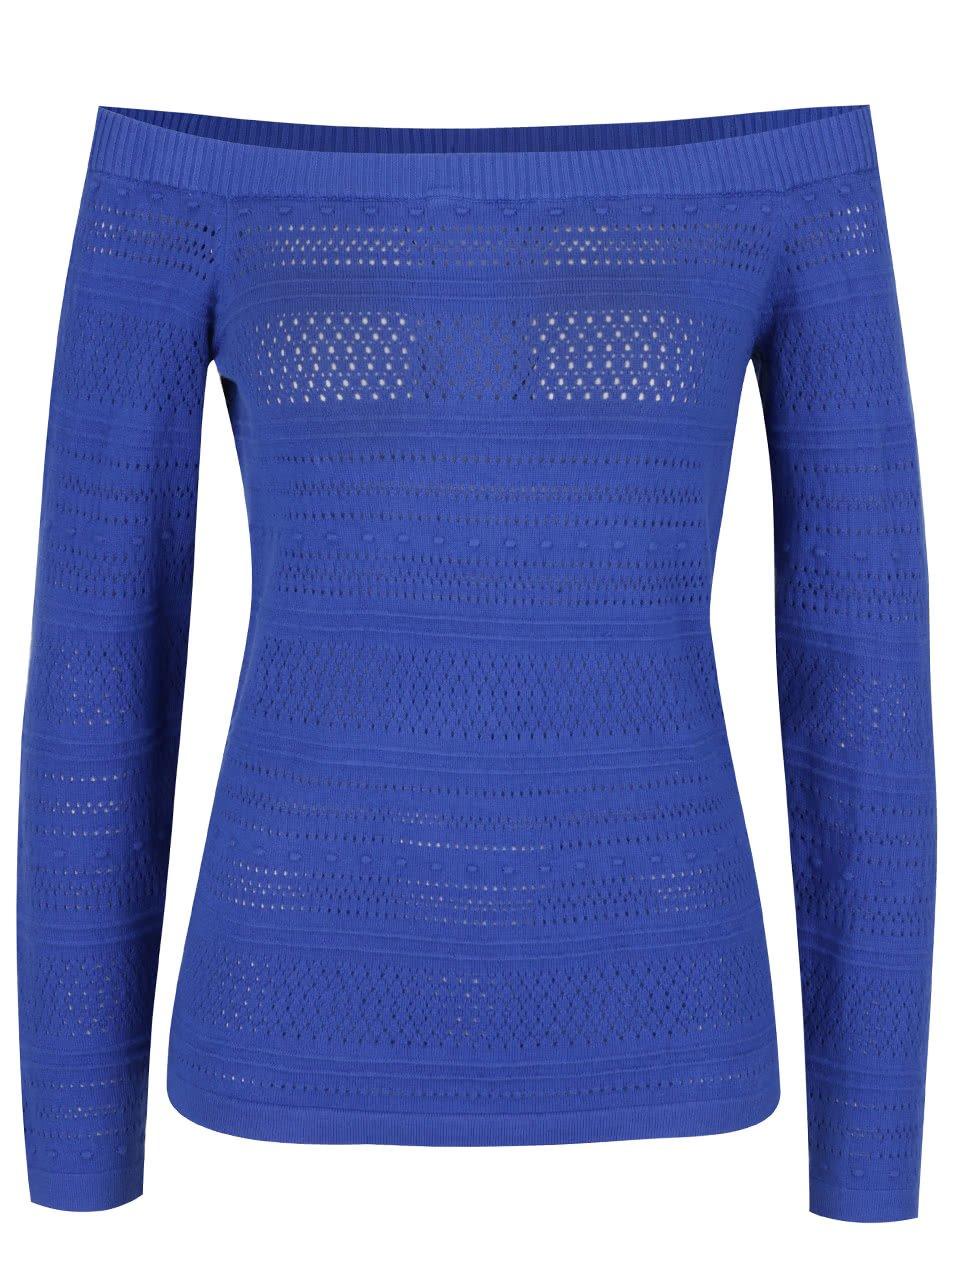 Modrý svetr s odhalenými rameny Dorothy Perkins